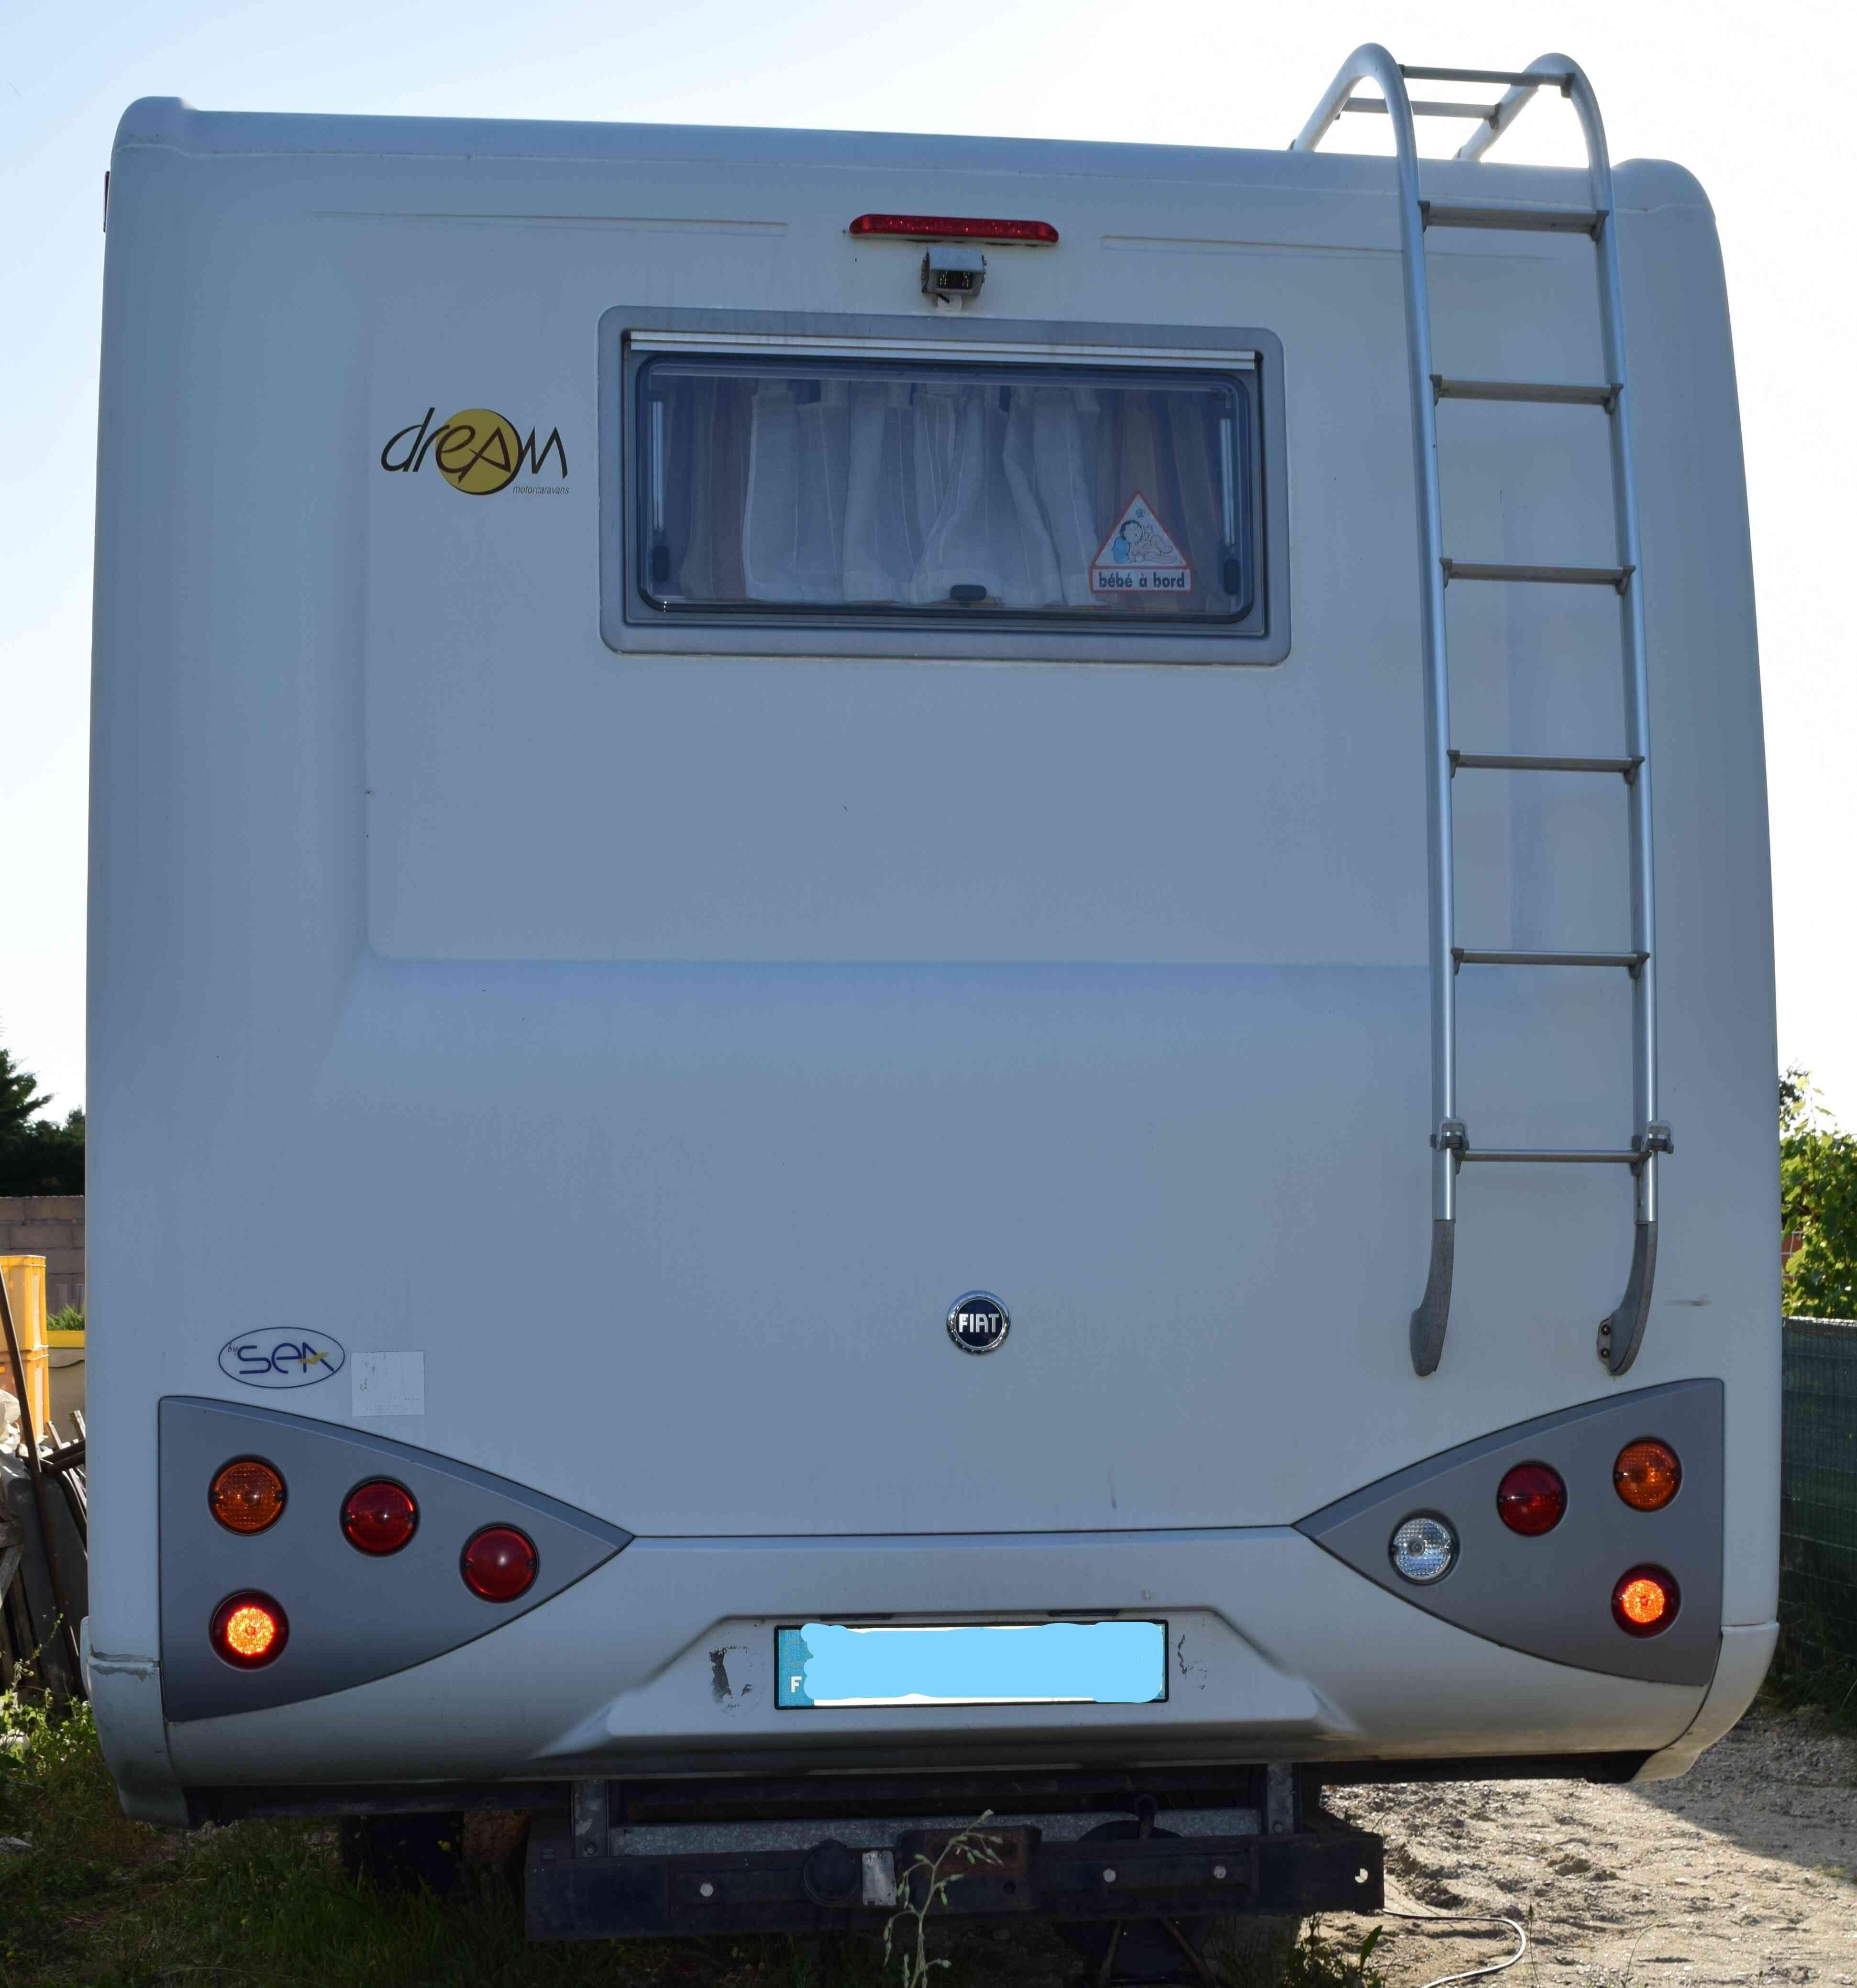 camping-car XDREAM 551  extérieur / arrière